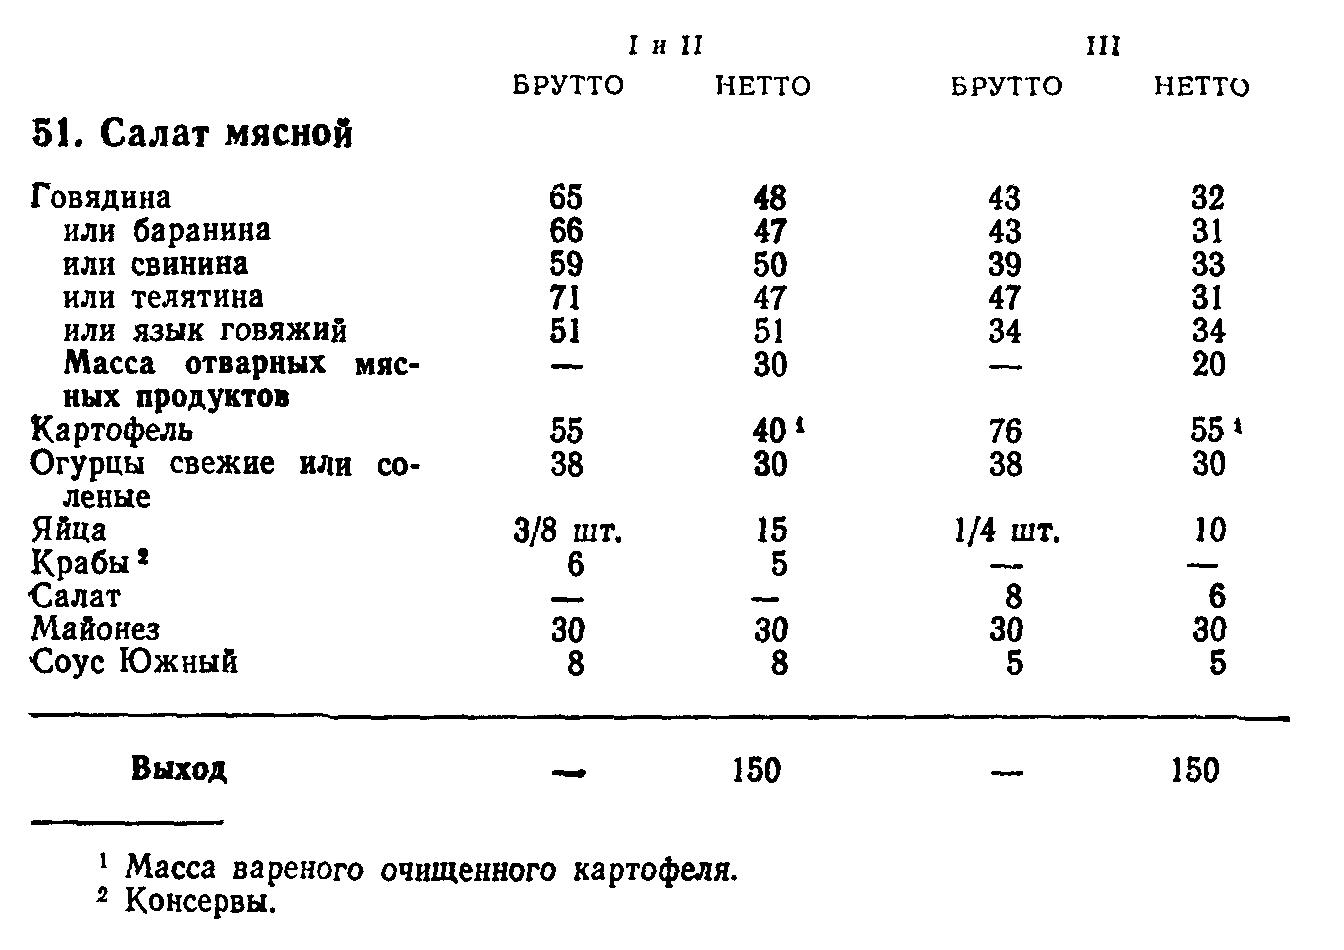 Салат мясной (ТТК5422)